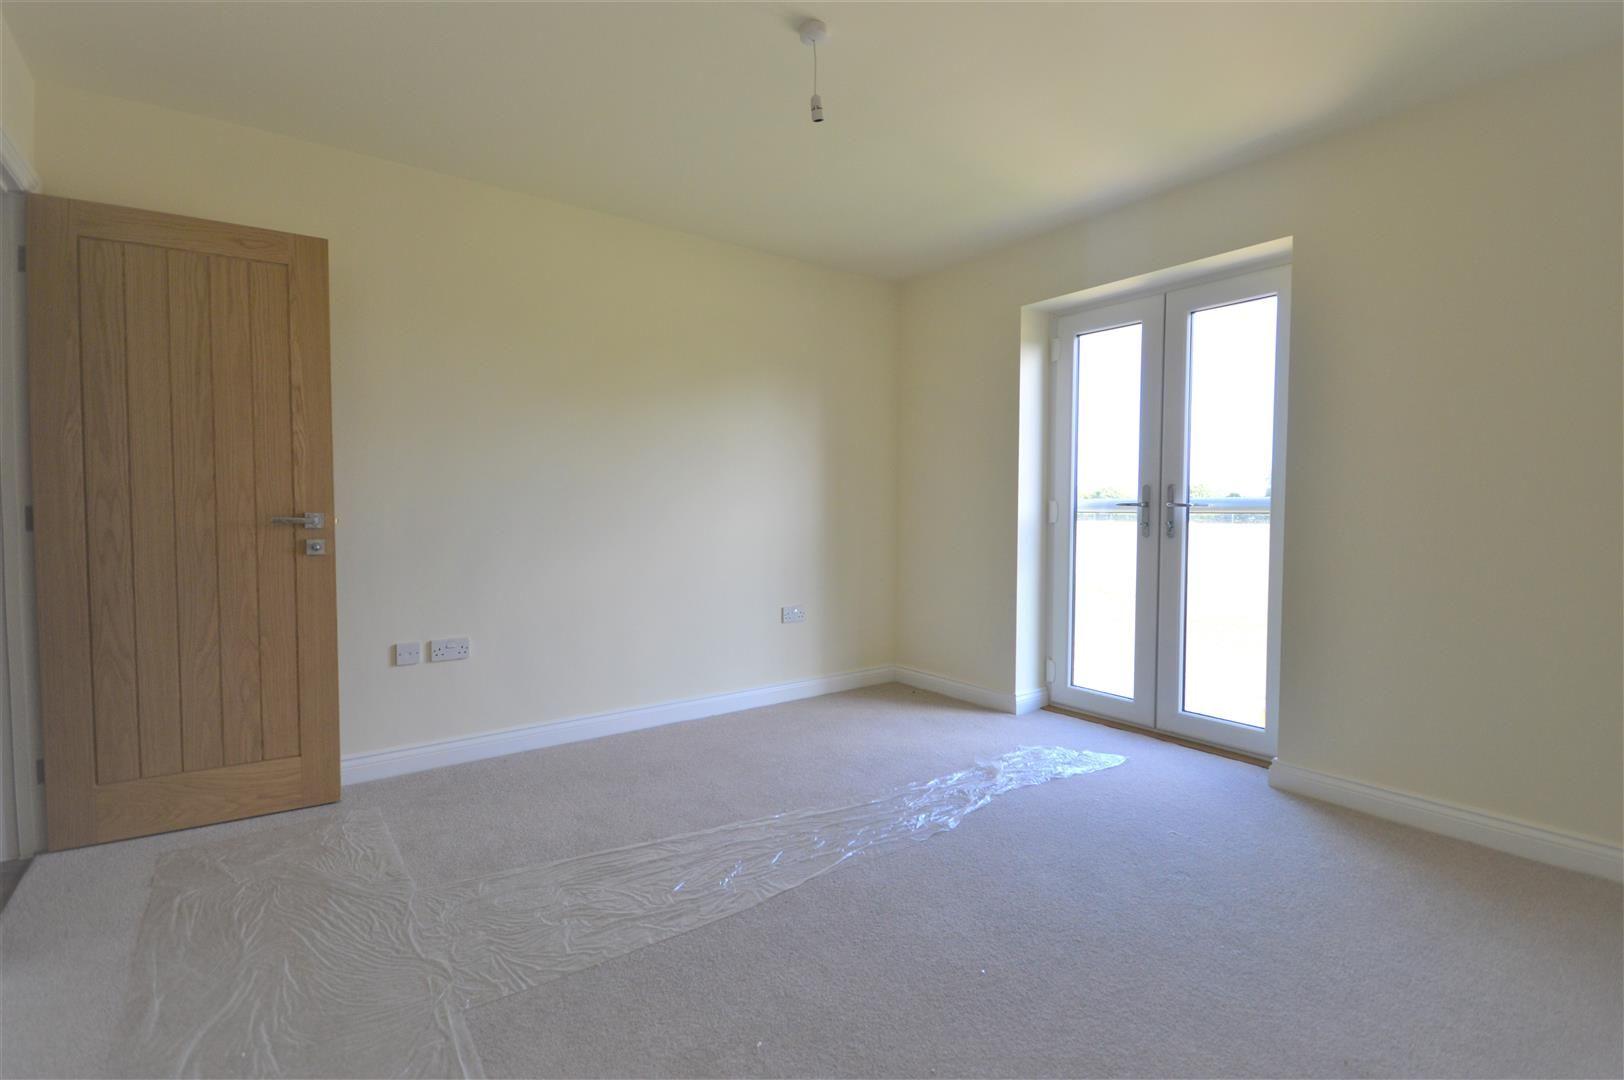 4 bed detached for sale in Kingsland  - Property Image 5